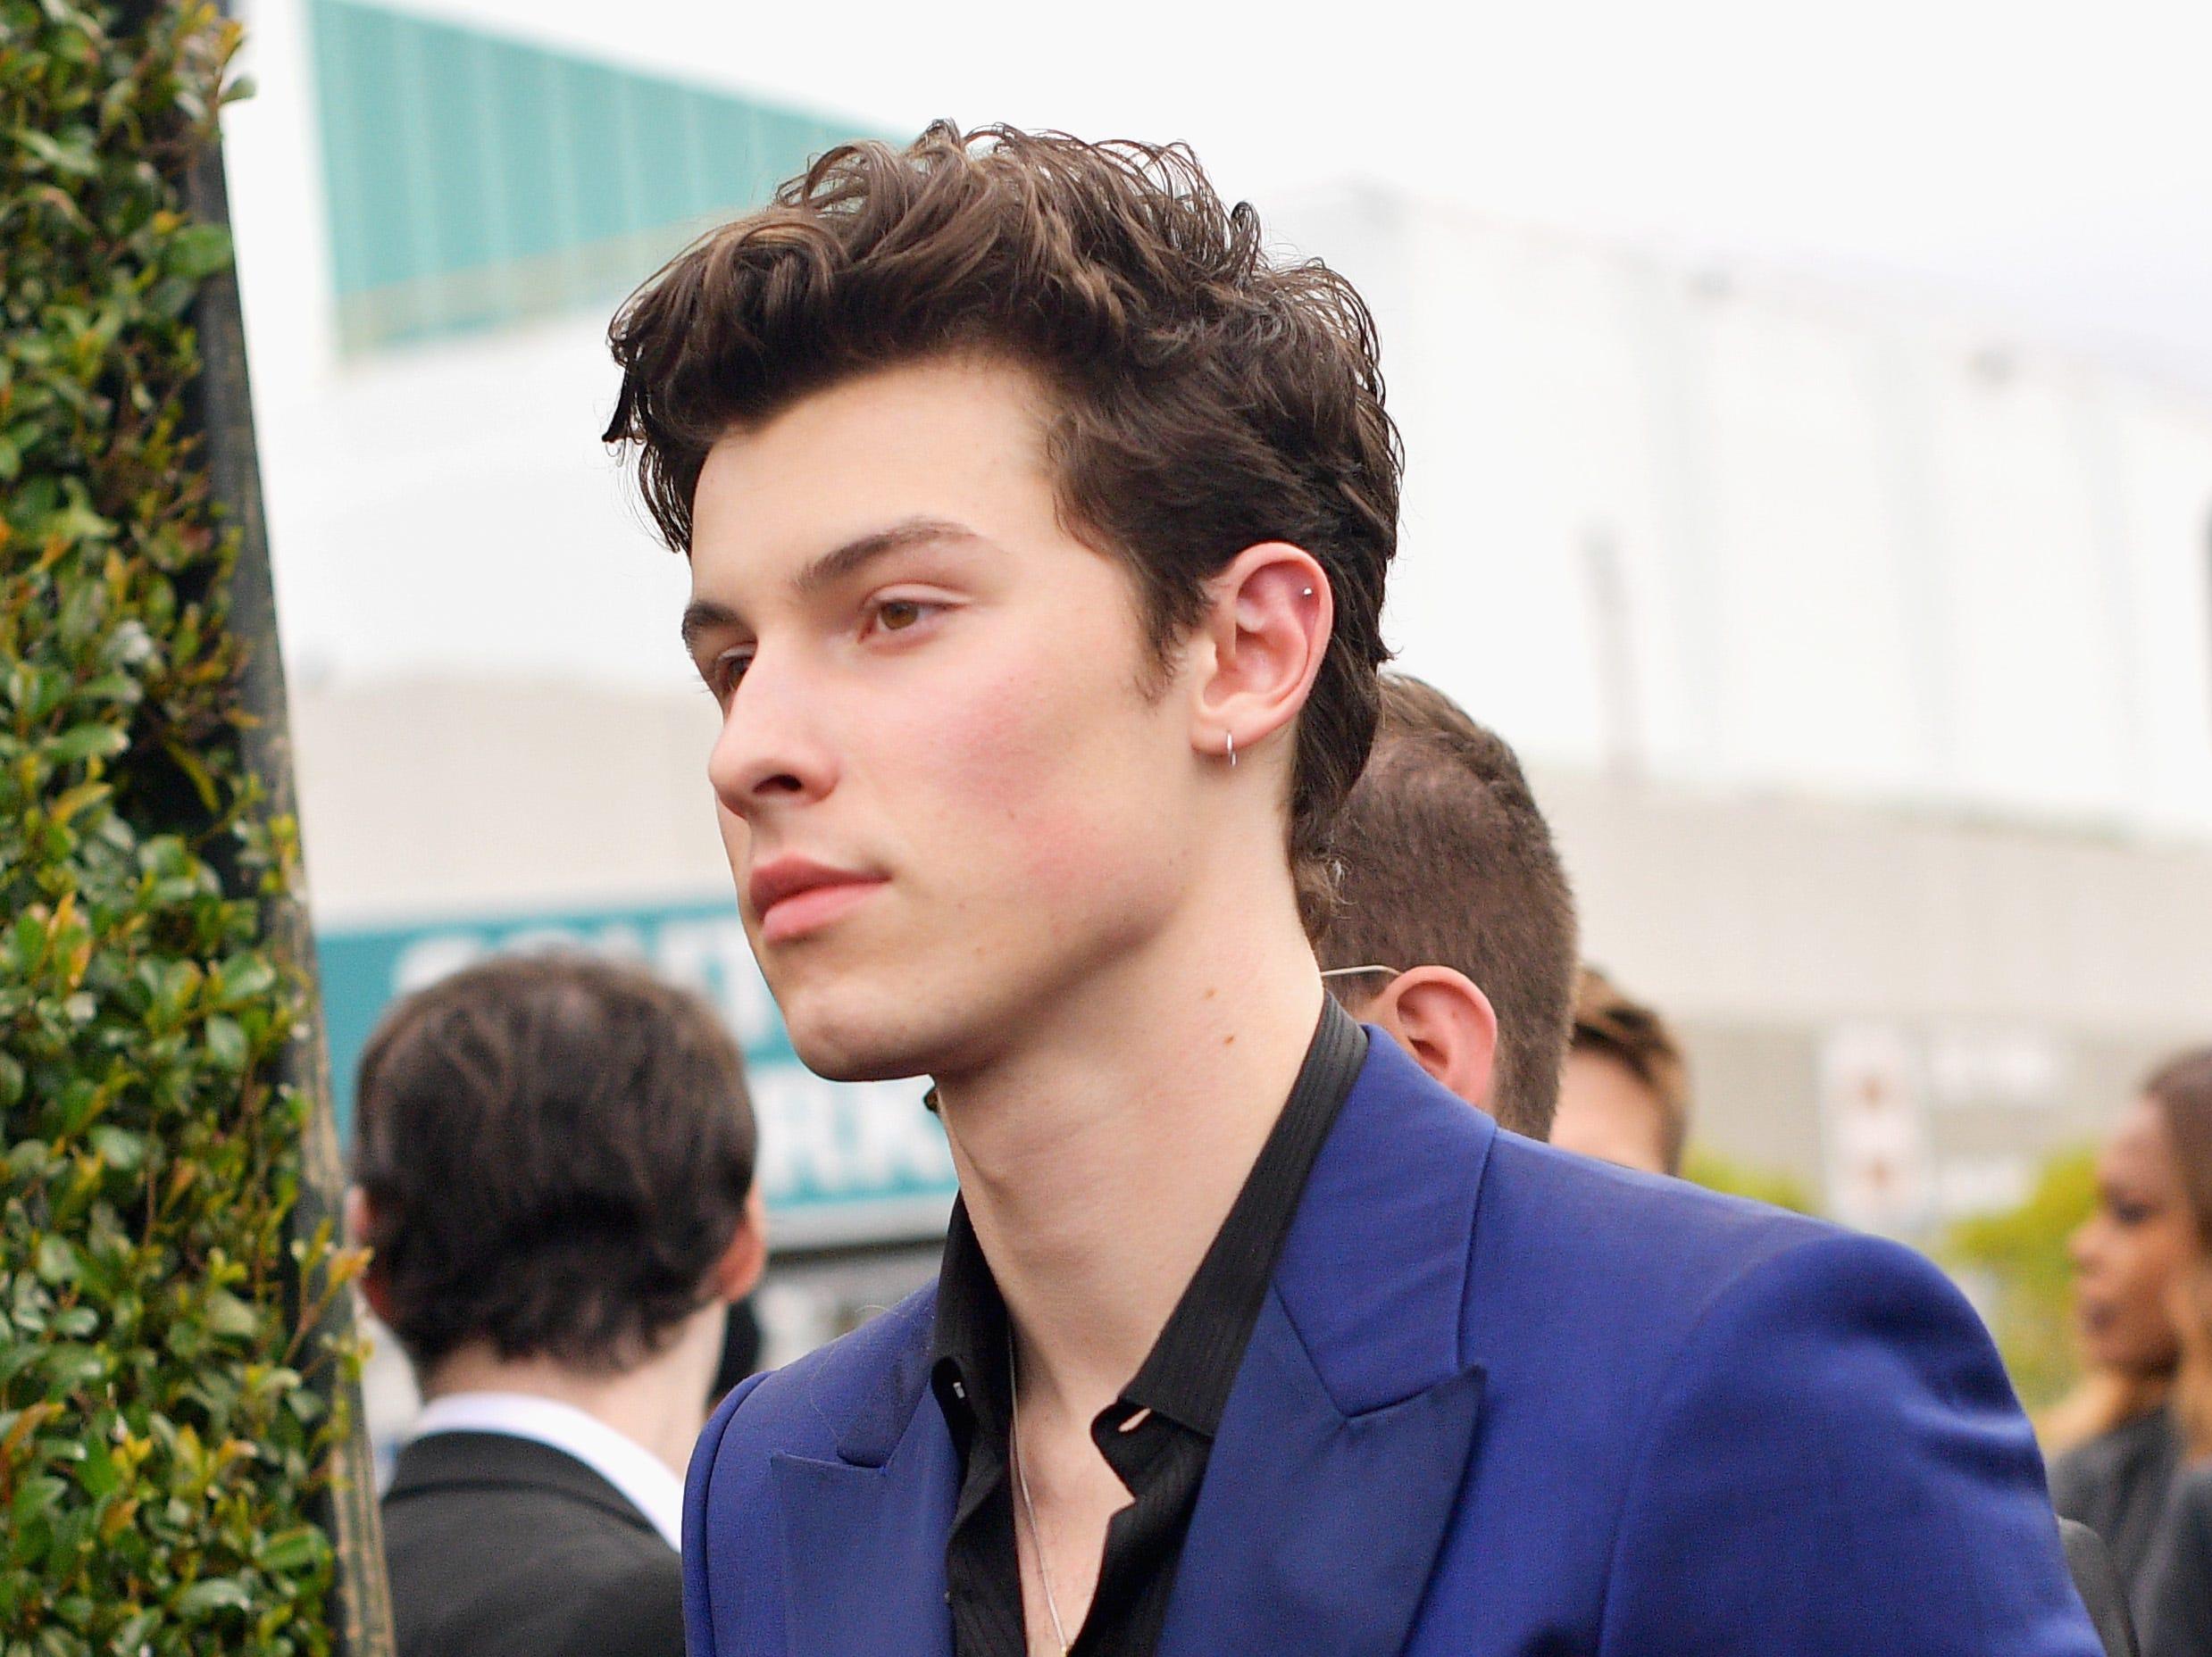 Shawn Mendes asiste a la 61ª edición de los premios GRAMMY en el Staples Center el 10 de febrero de 2019 en Los Ángeles, California.